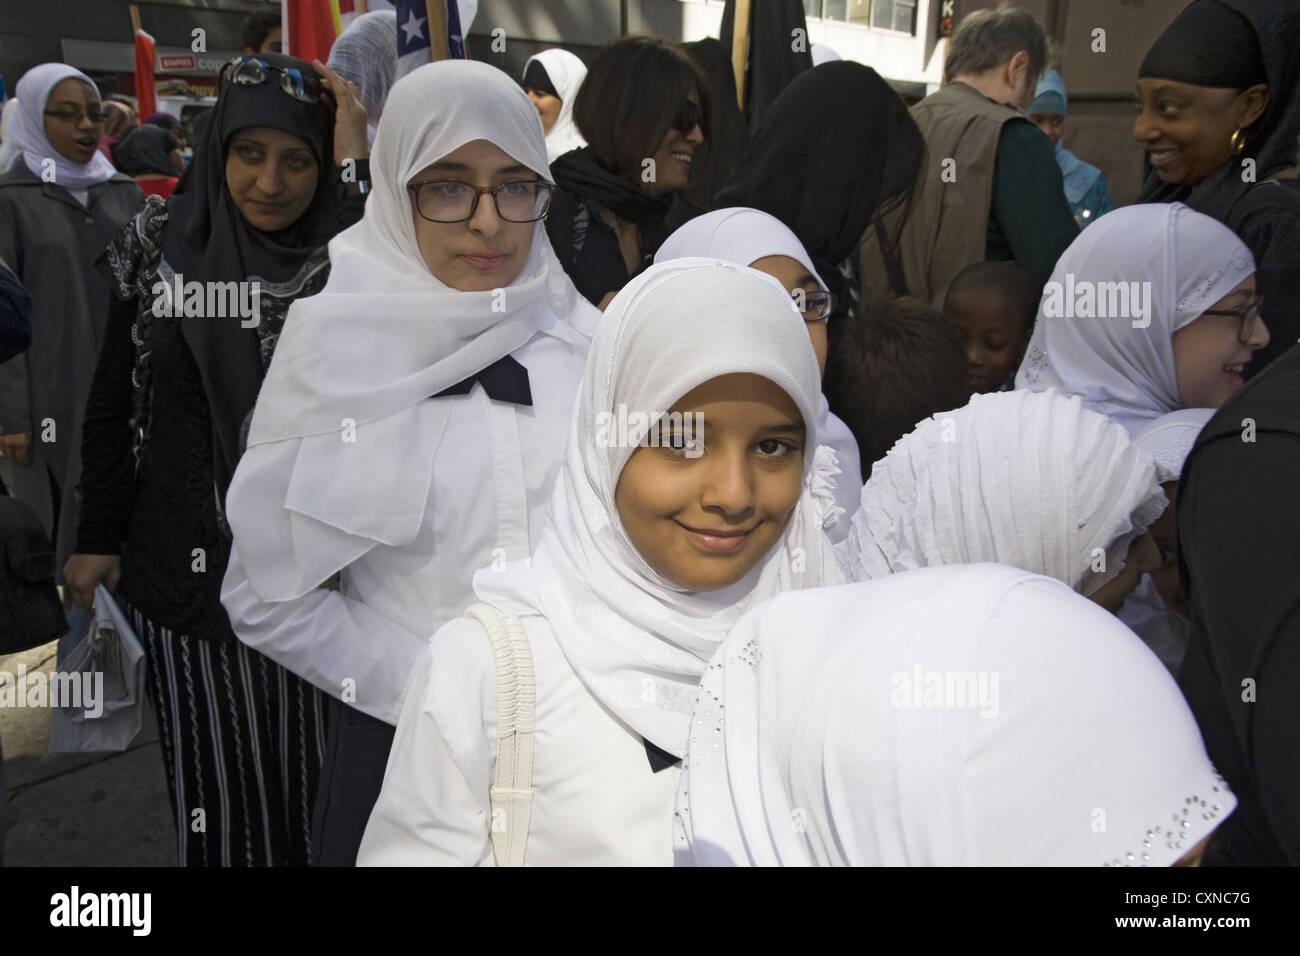 Muslim dating in new york